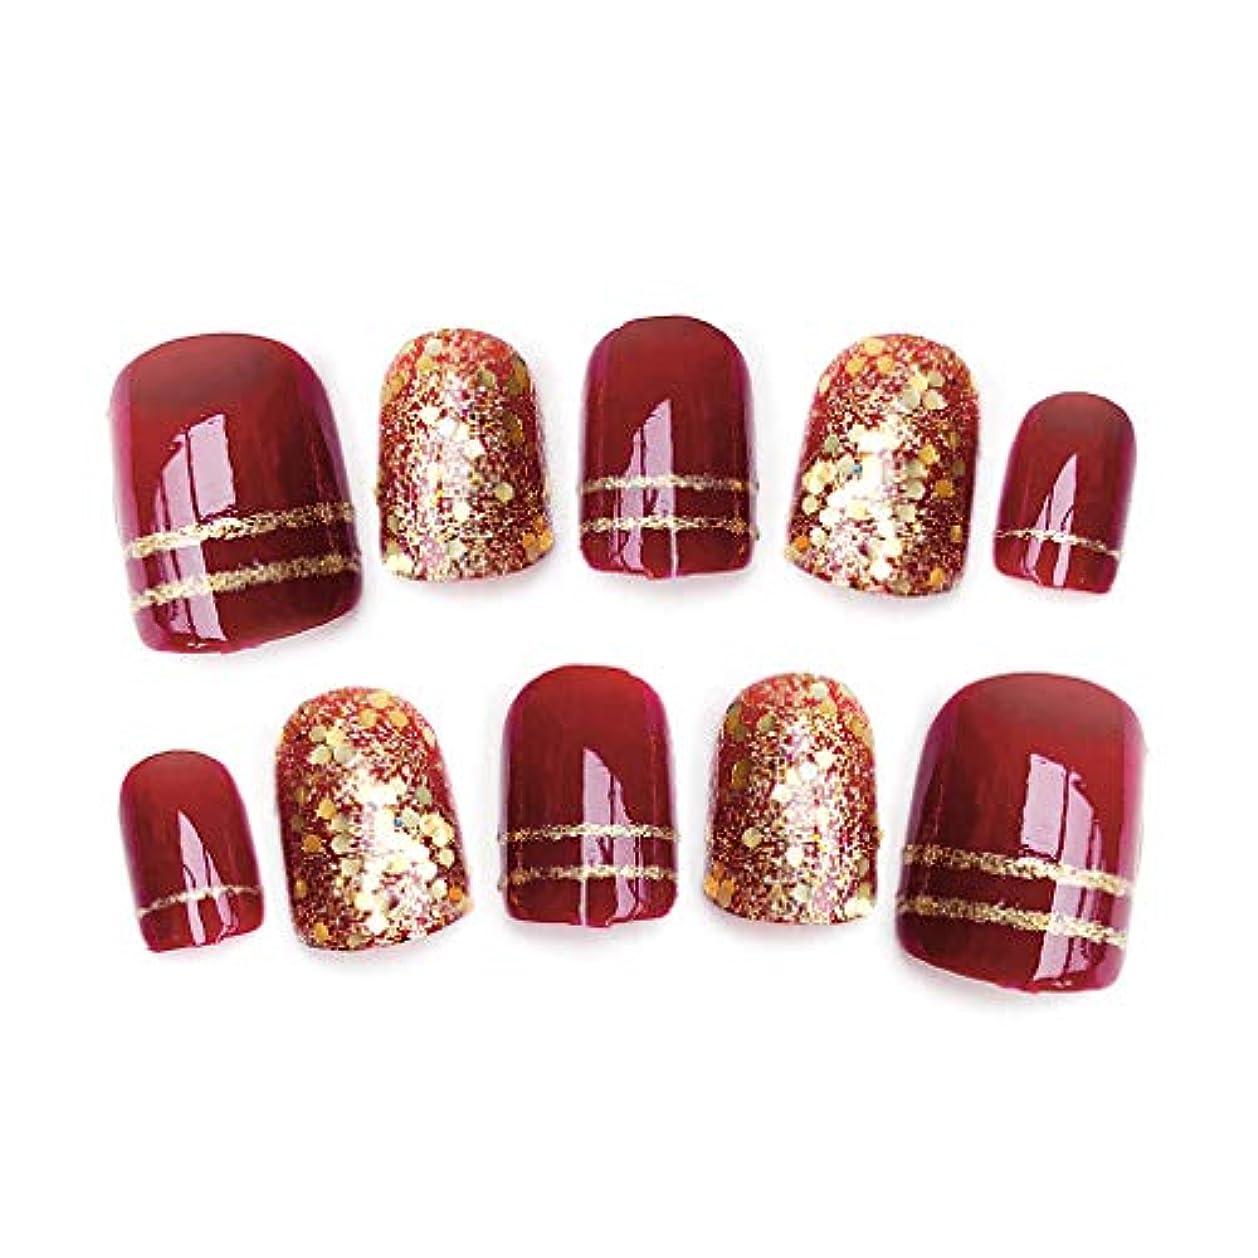 通路できた強風Sharring 24pcs光沢のある赤い偽の指の爪光沢のある花嫁結婚式ショートデザイン偽ネイルアートのヒント [並行輸入品]